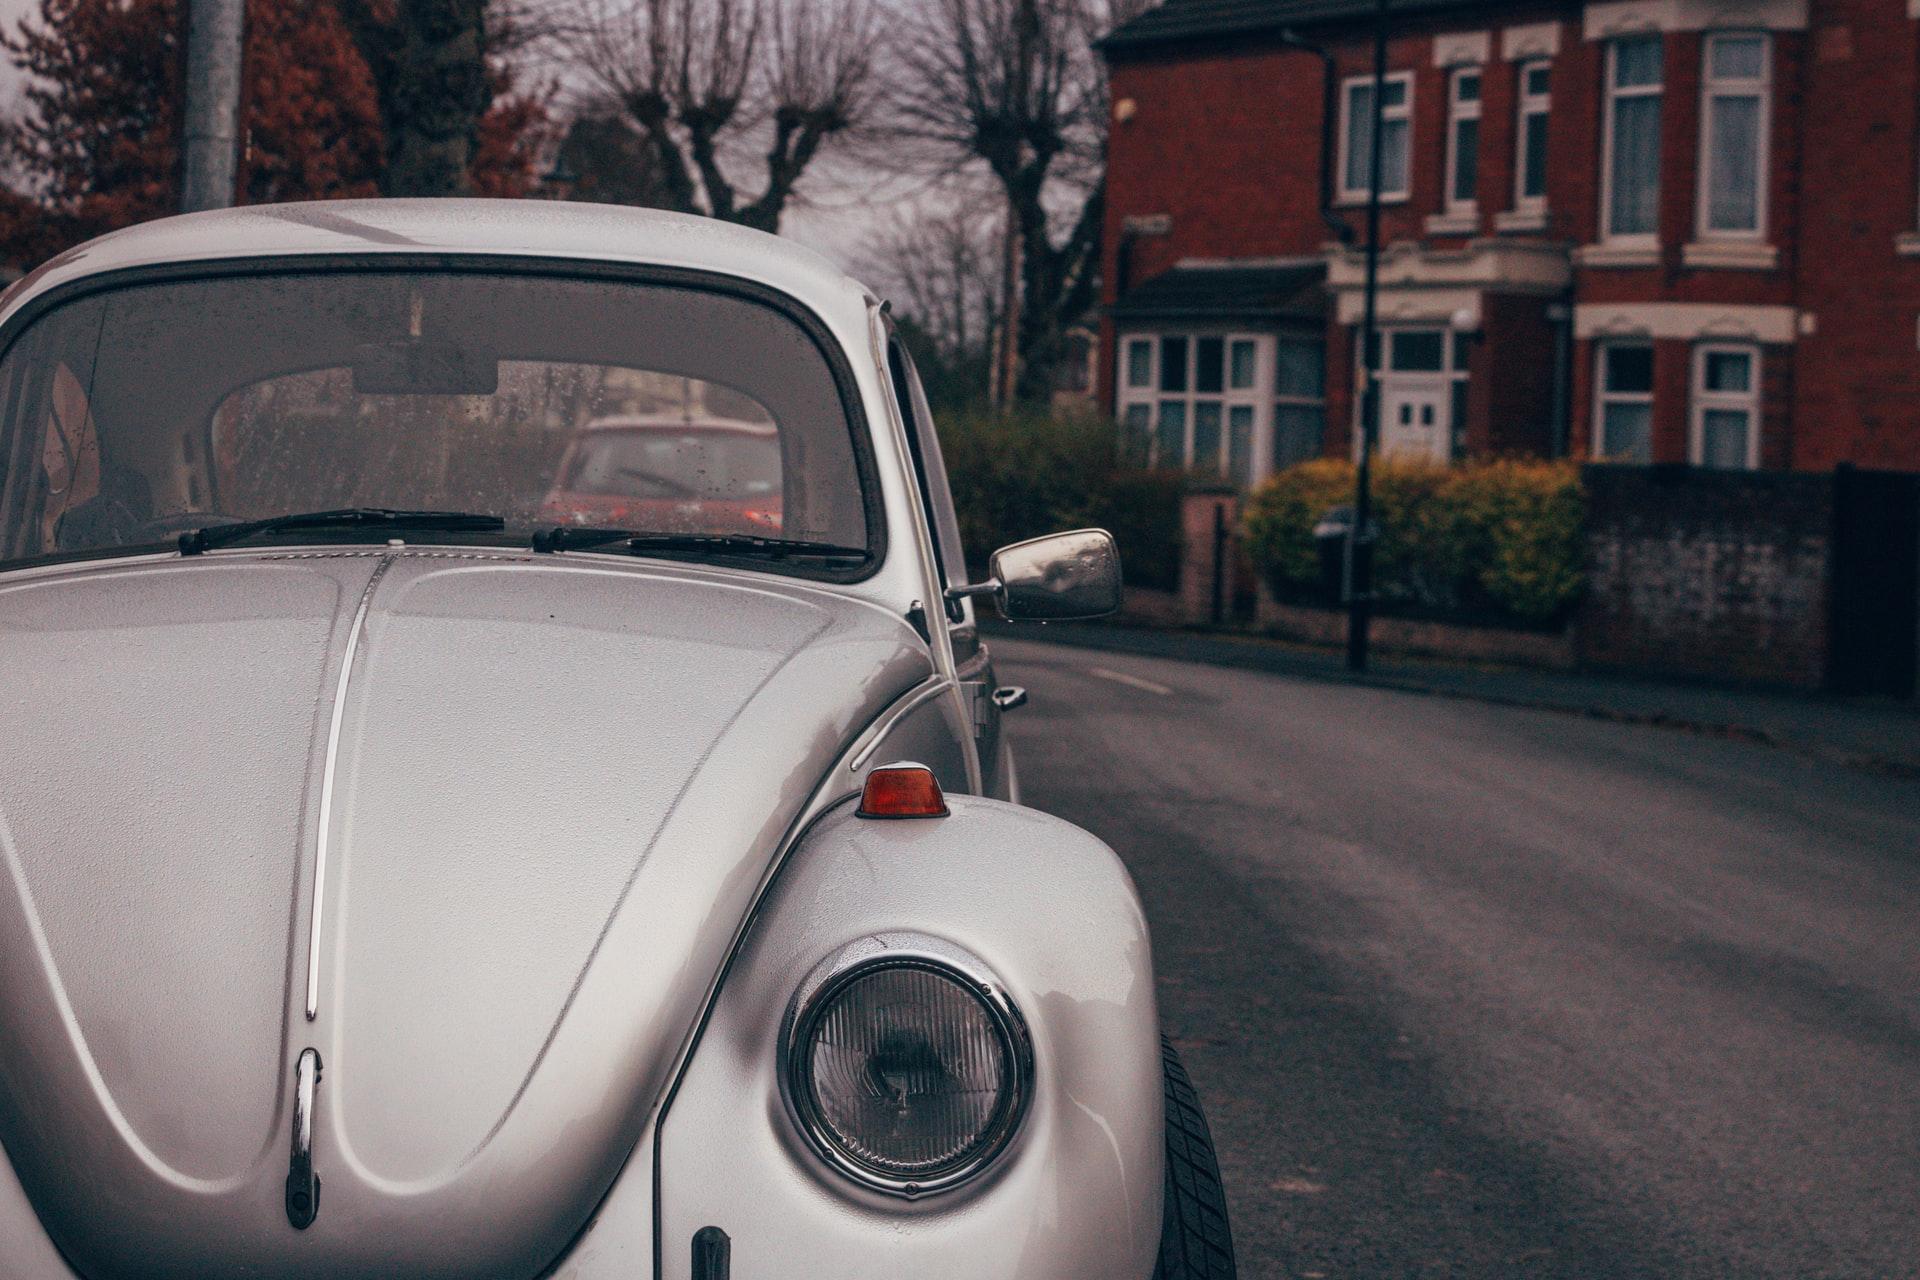 Volkswagen Beetle on UK Street